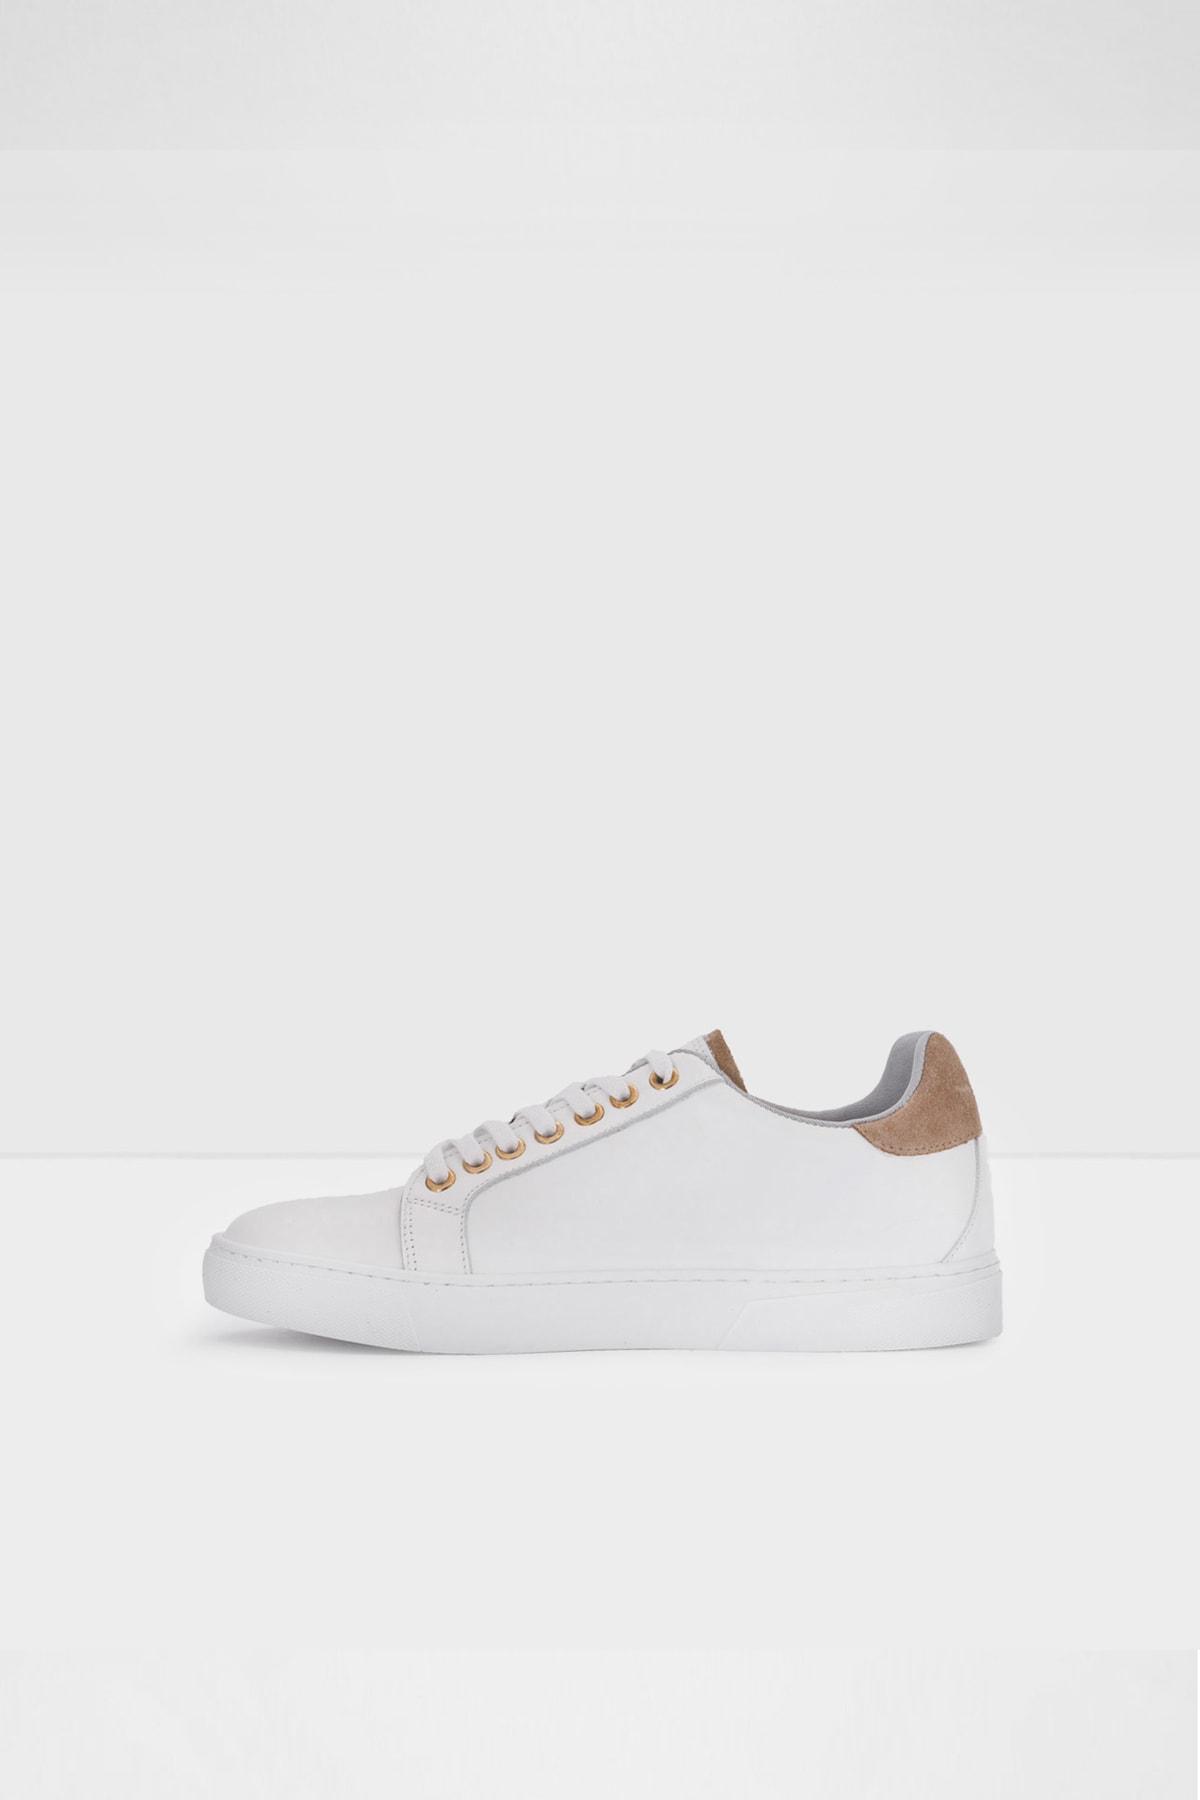 Aldo Marbella-tr - Beyaz Kadın Sneaker 2